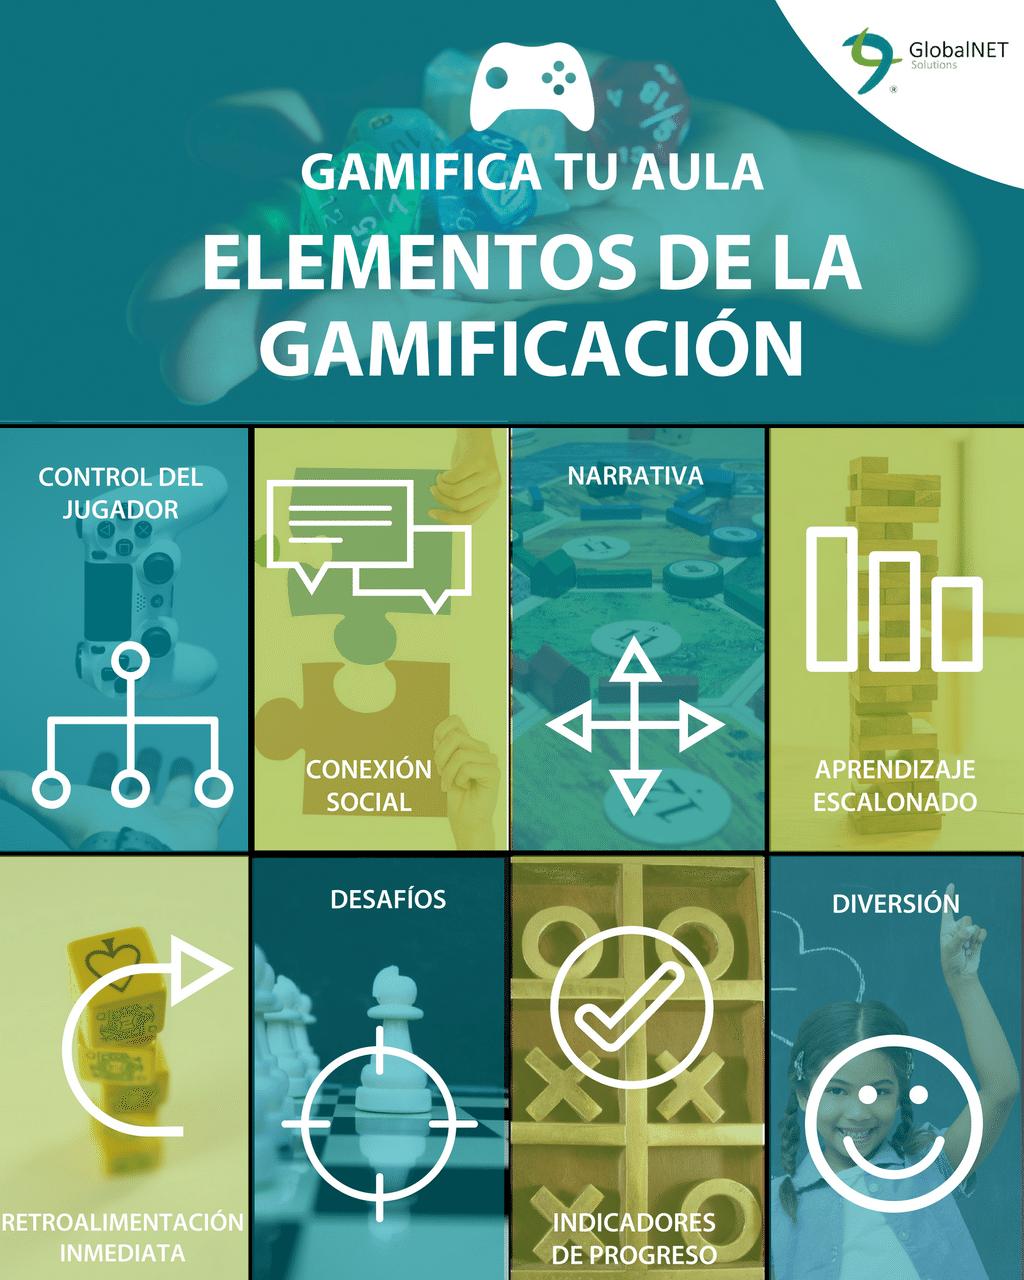 Elementos de la gamificación